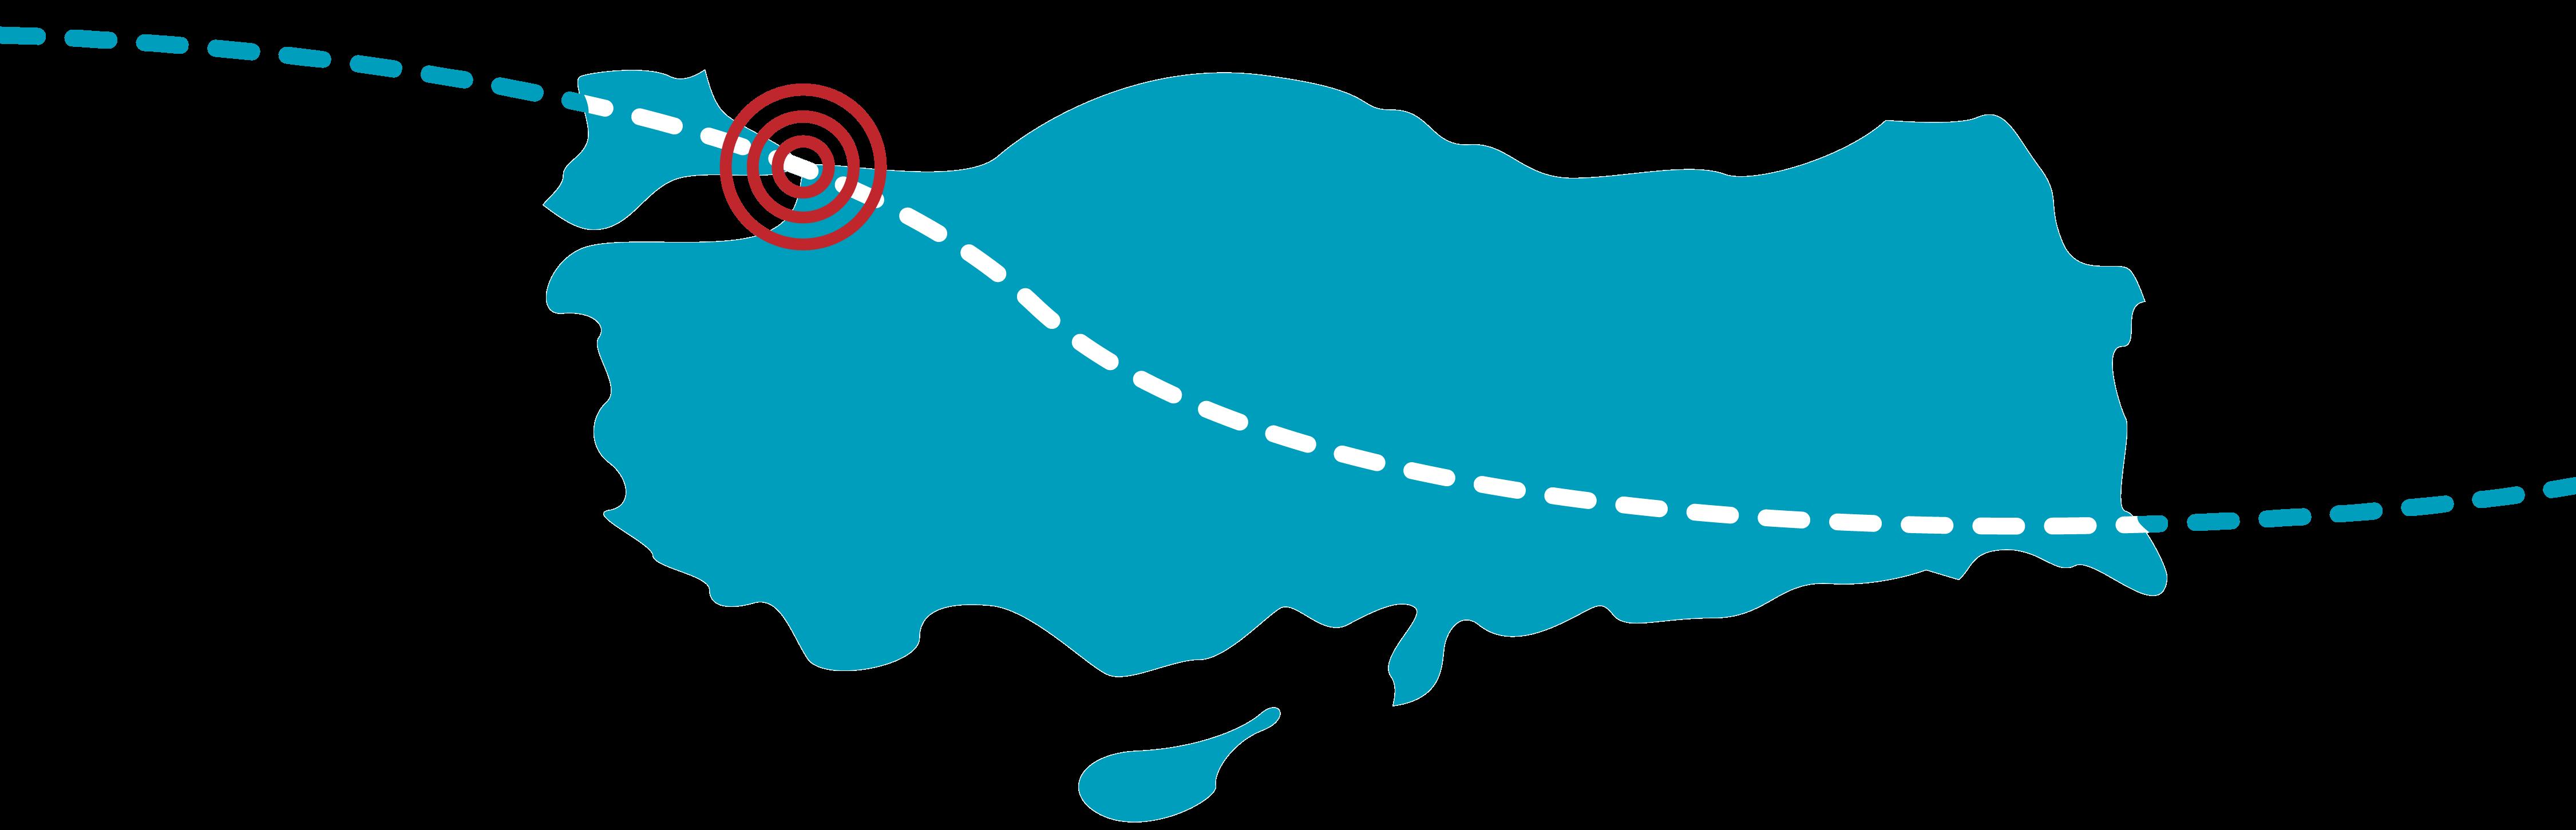 رسم بياني للموقع الجغرافي لإسطنبول